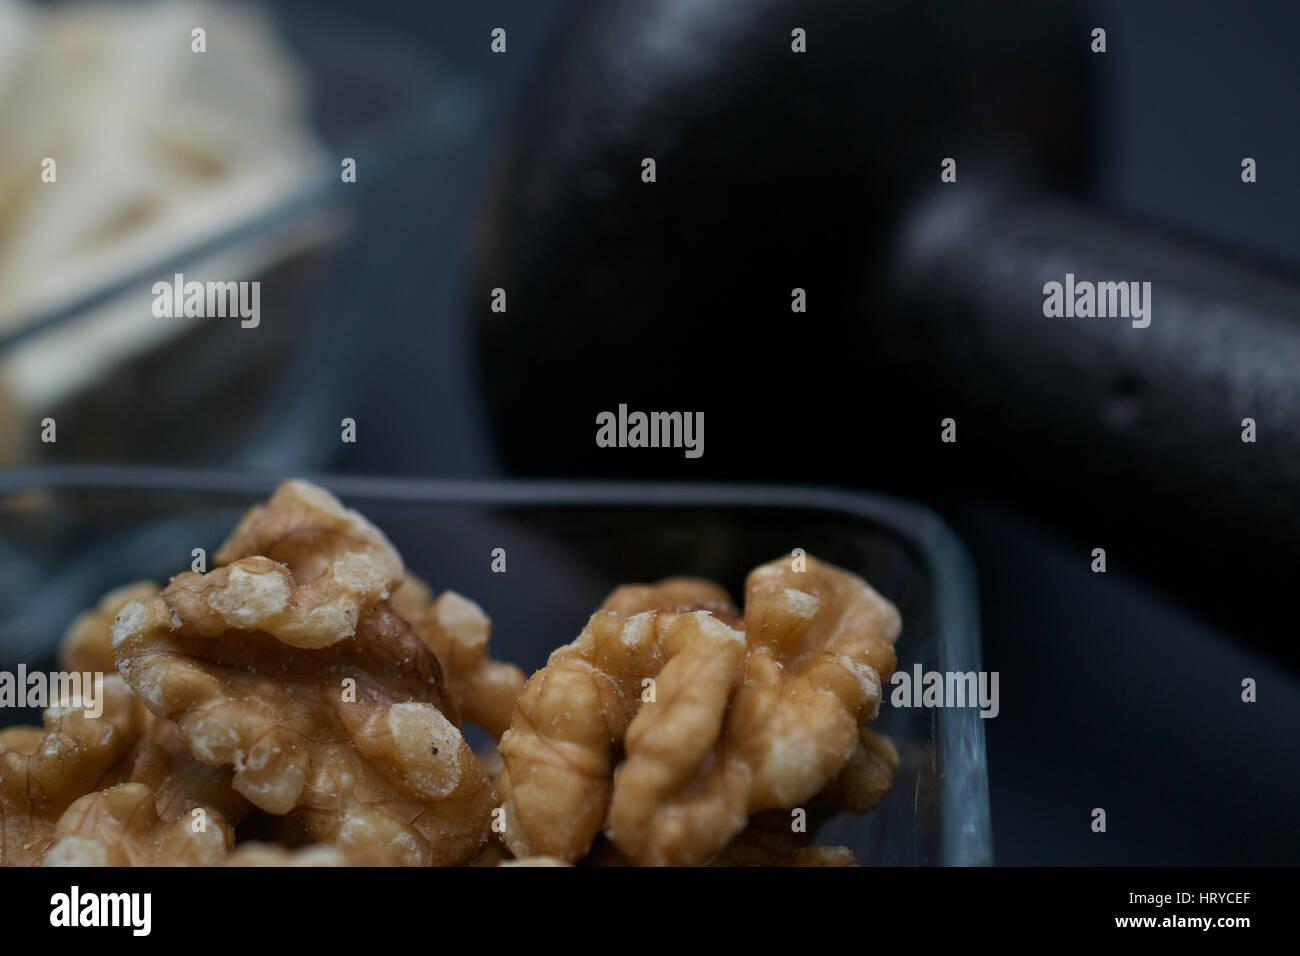 Closeup en pesa, nueces y tofu sobre fondo oscuro: concepto de fitness y pérdida de peso. Imagen De Stock